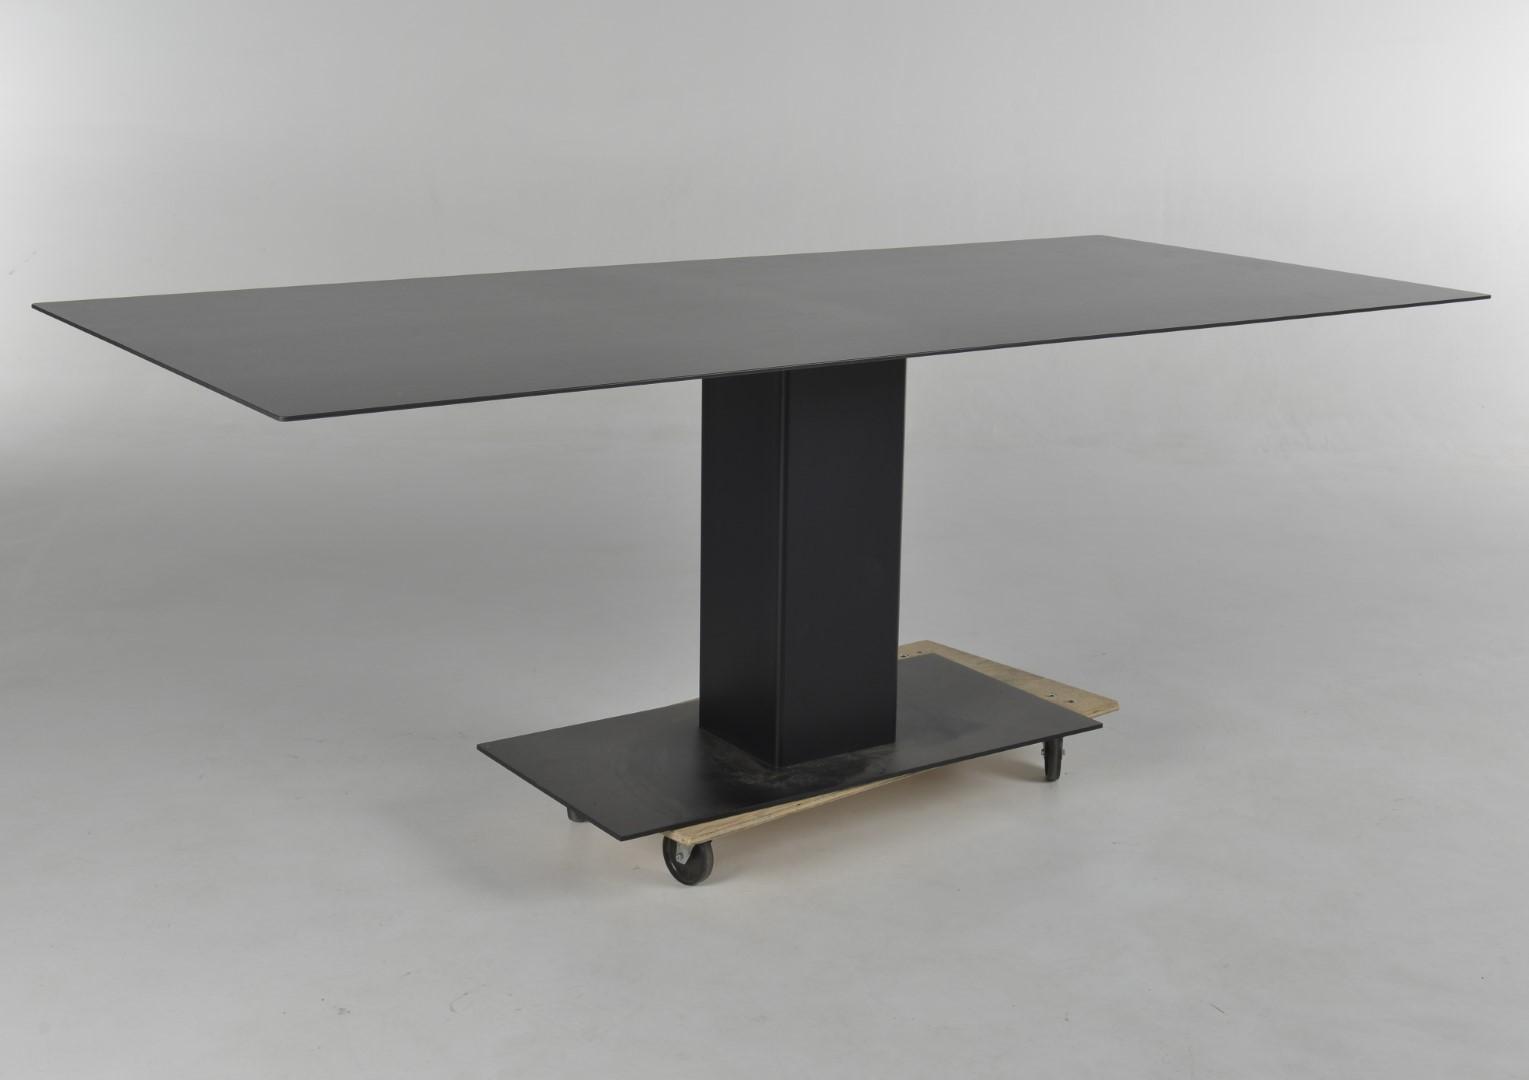 shelter eettafel bert plantagie outlet. Black Bedroom Furniture Sets. Home Design Ideas